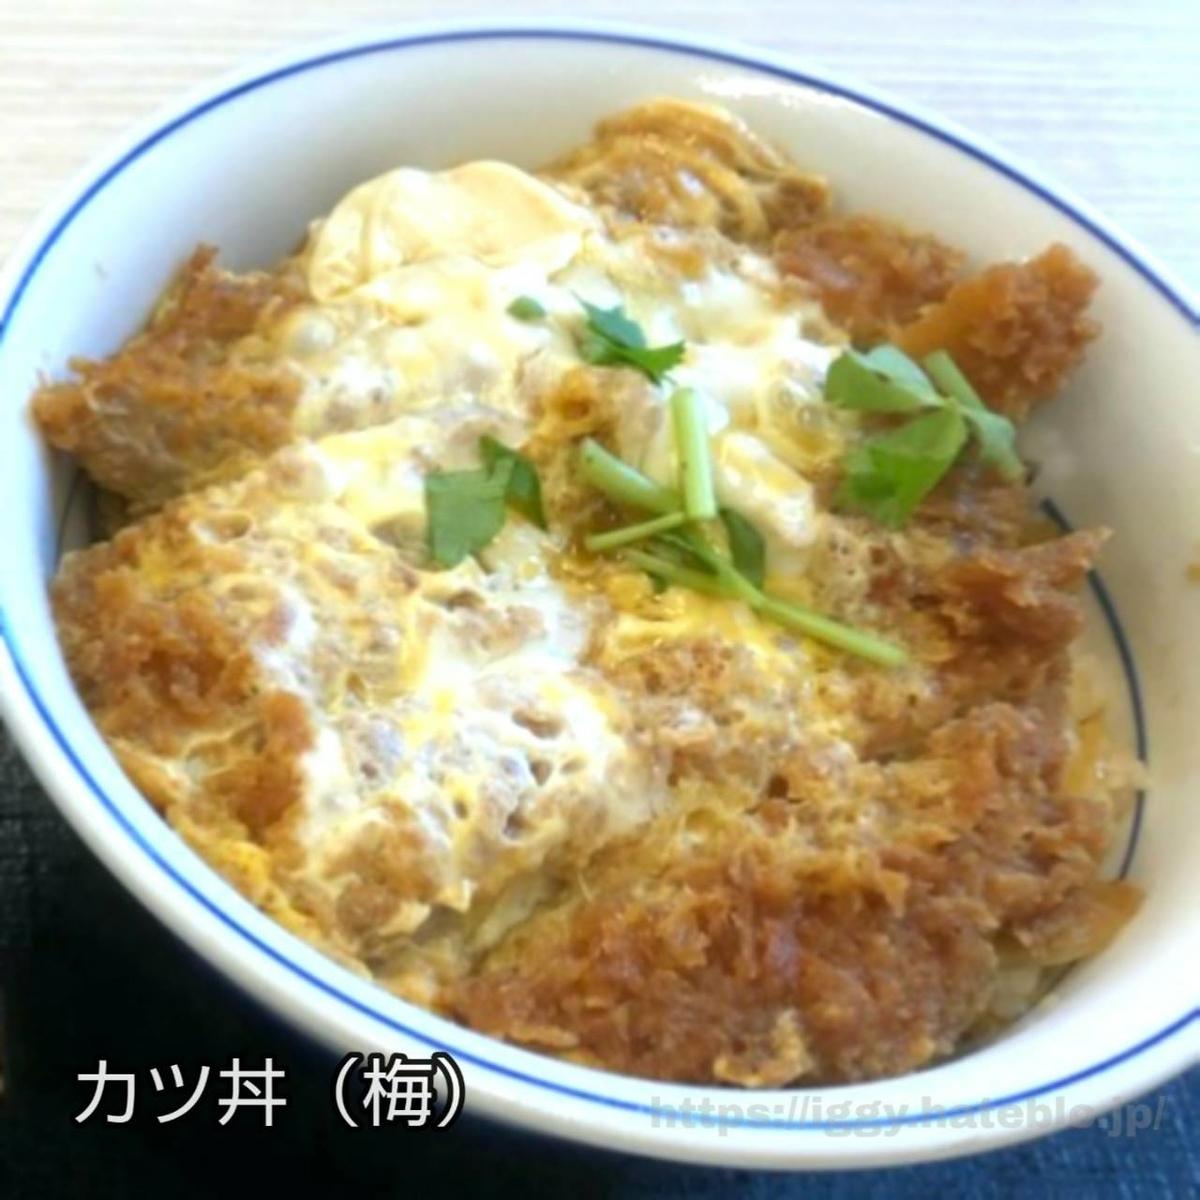 かつや カツ丼(梅) iggy2019